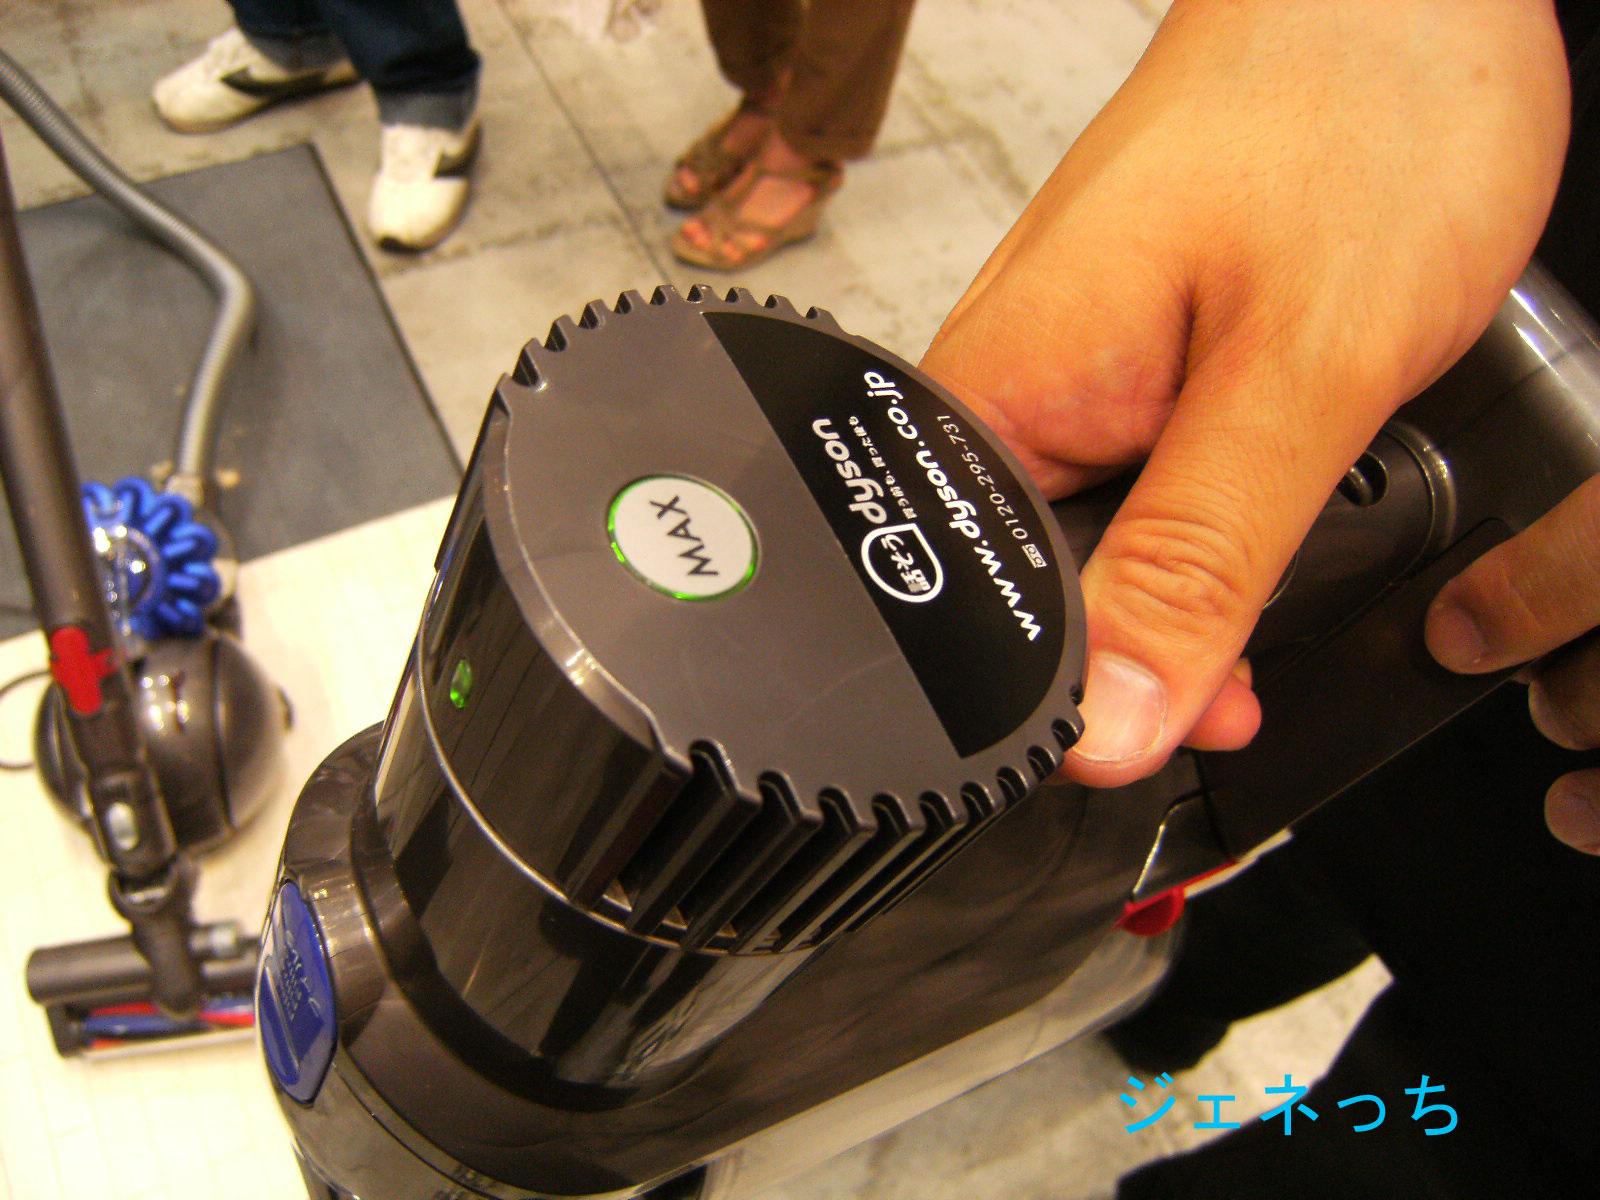 ダイソンの掃除機、ダイソン公式オンライストア限定モデルが狙い目です。